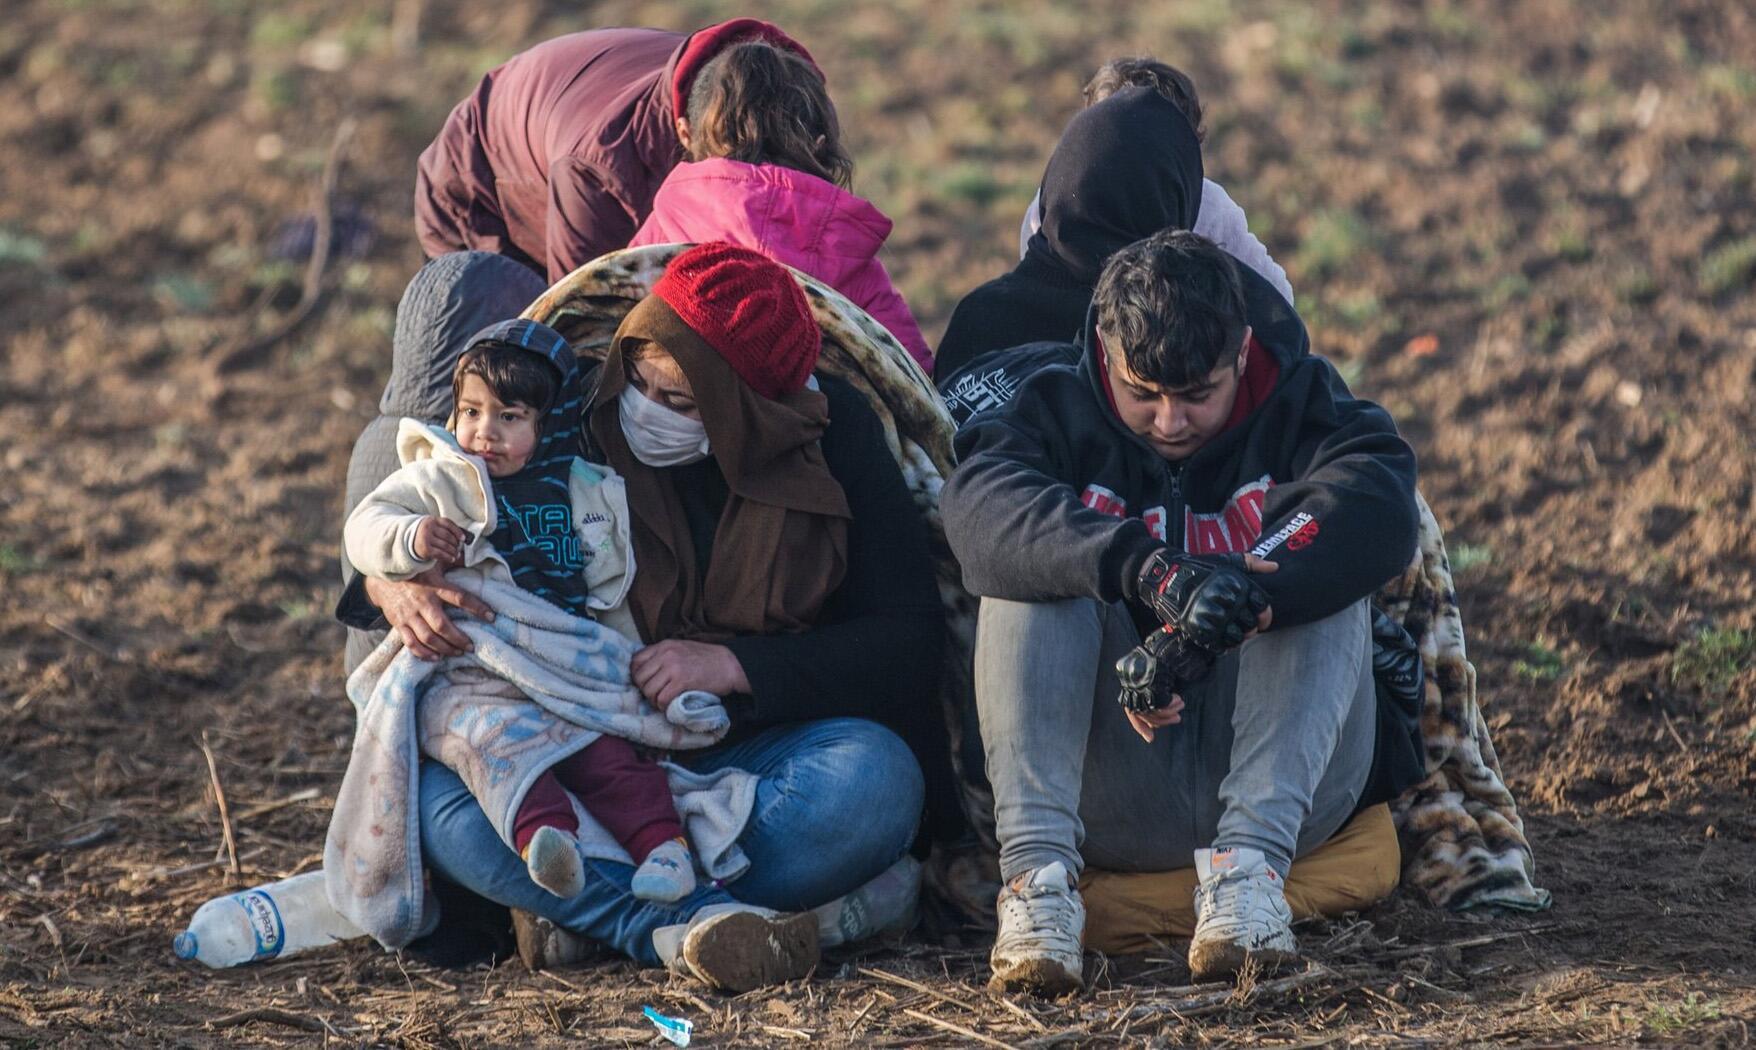 Bild zu Migranten an der türkisch-griechischen Grenze